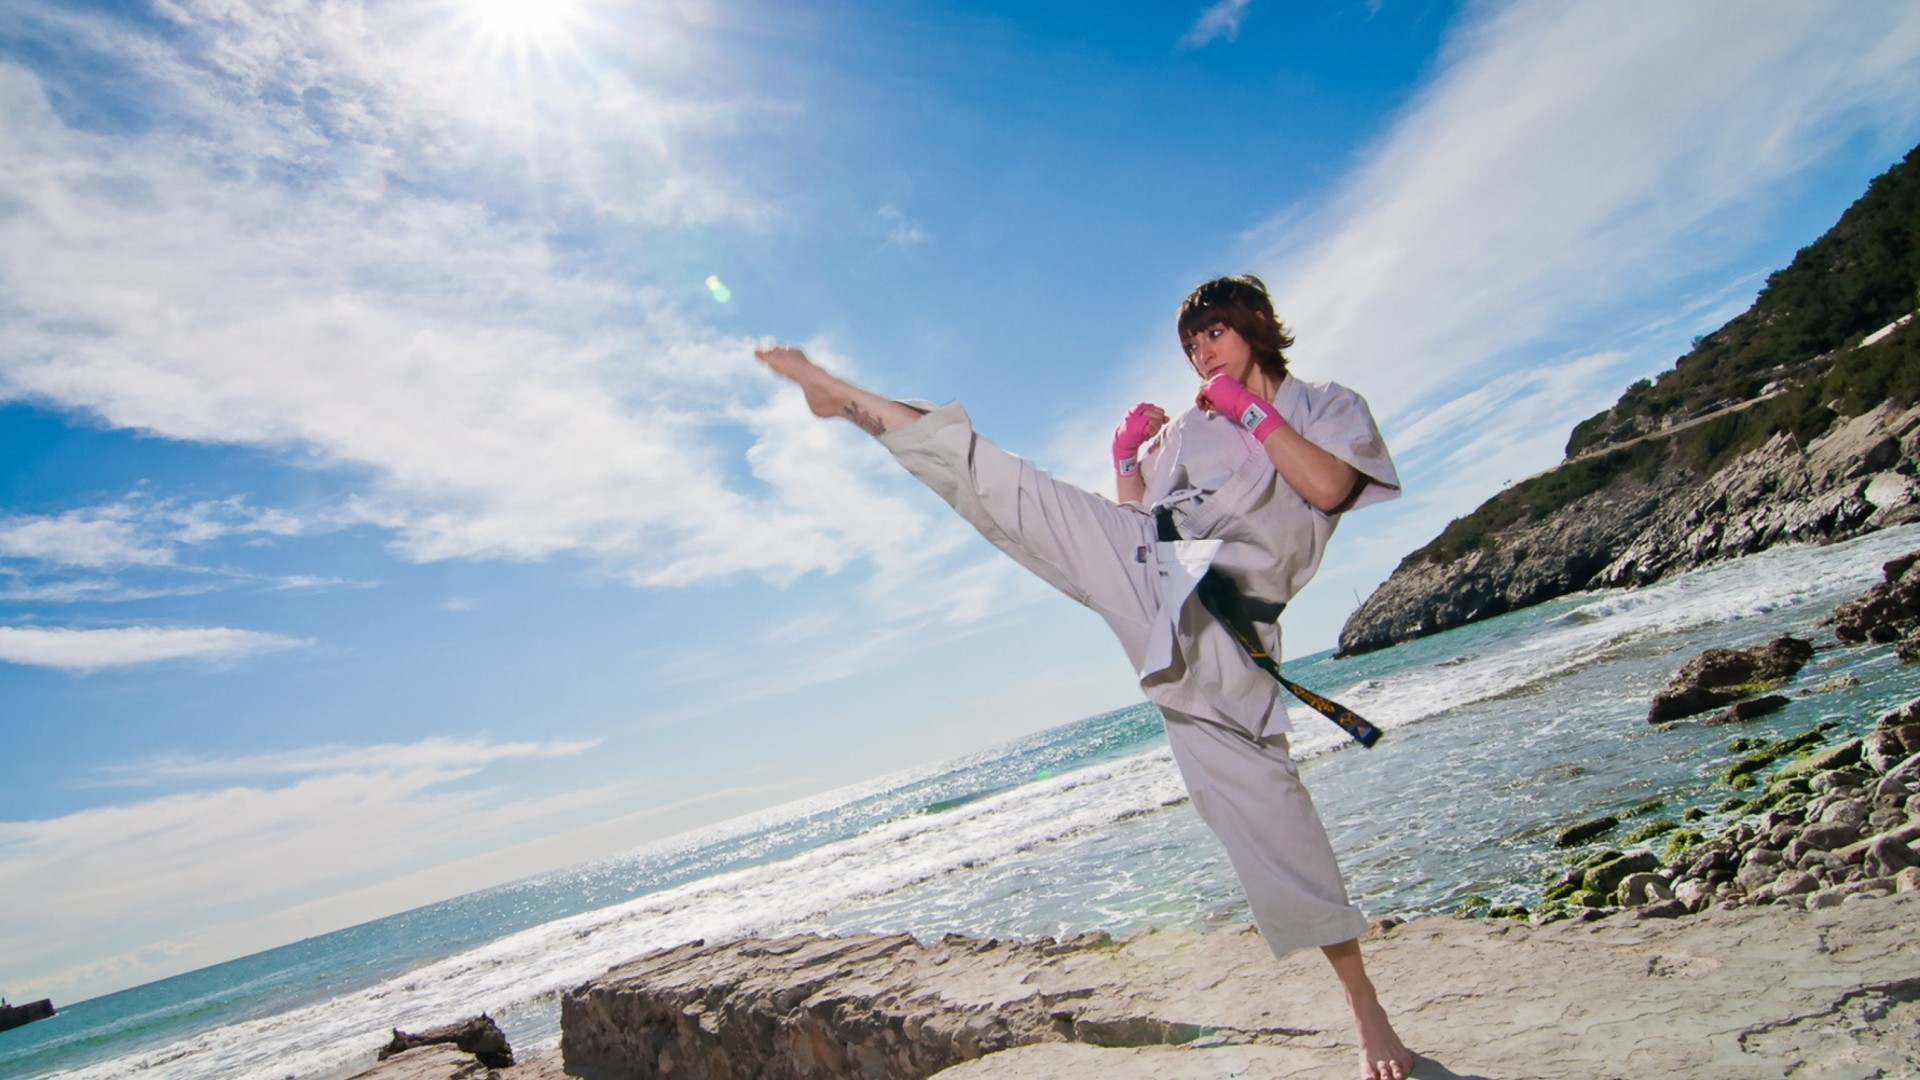 Karate Free Wallpaper